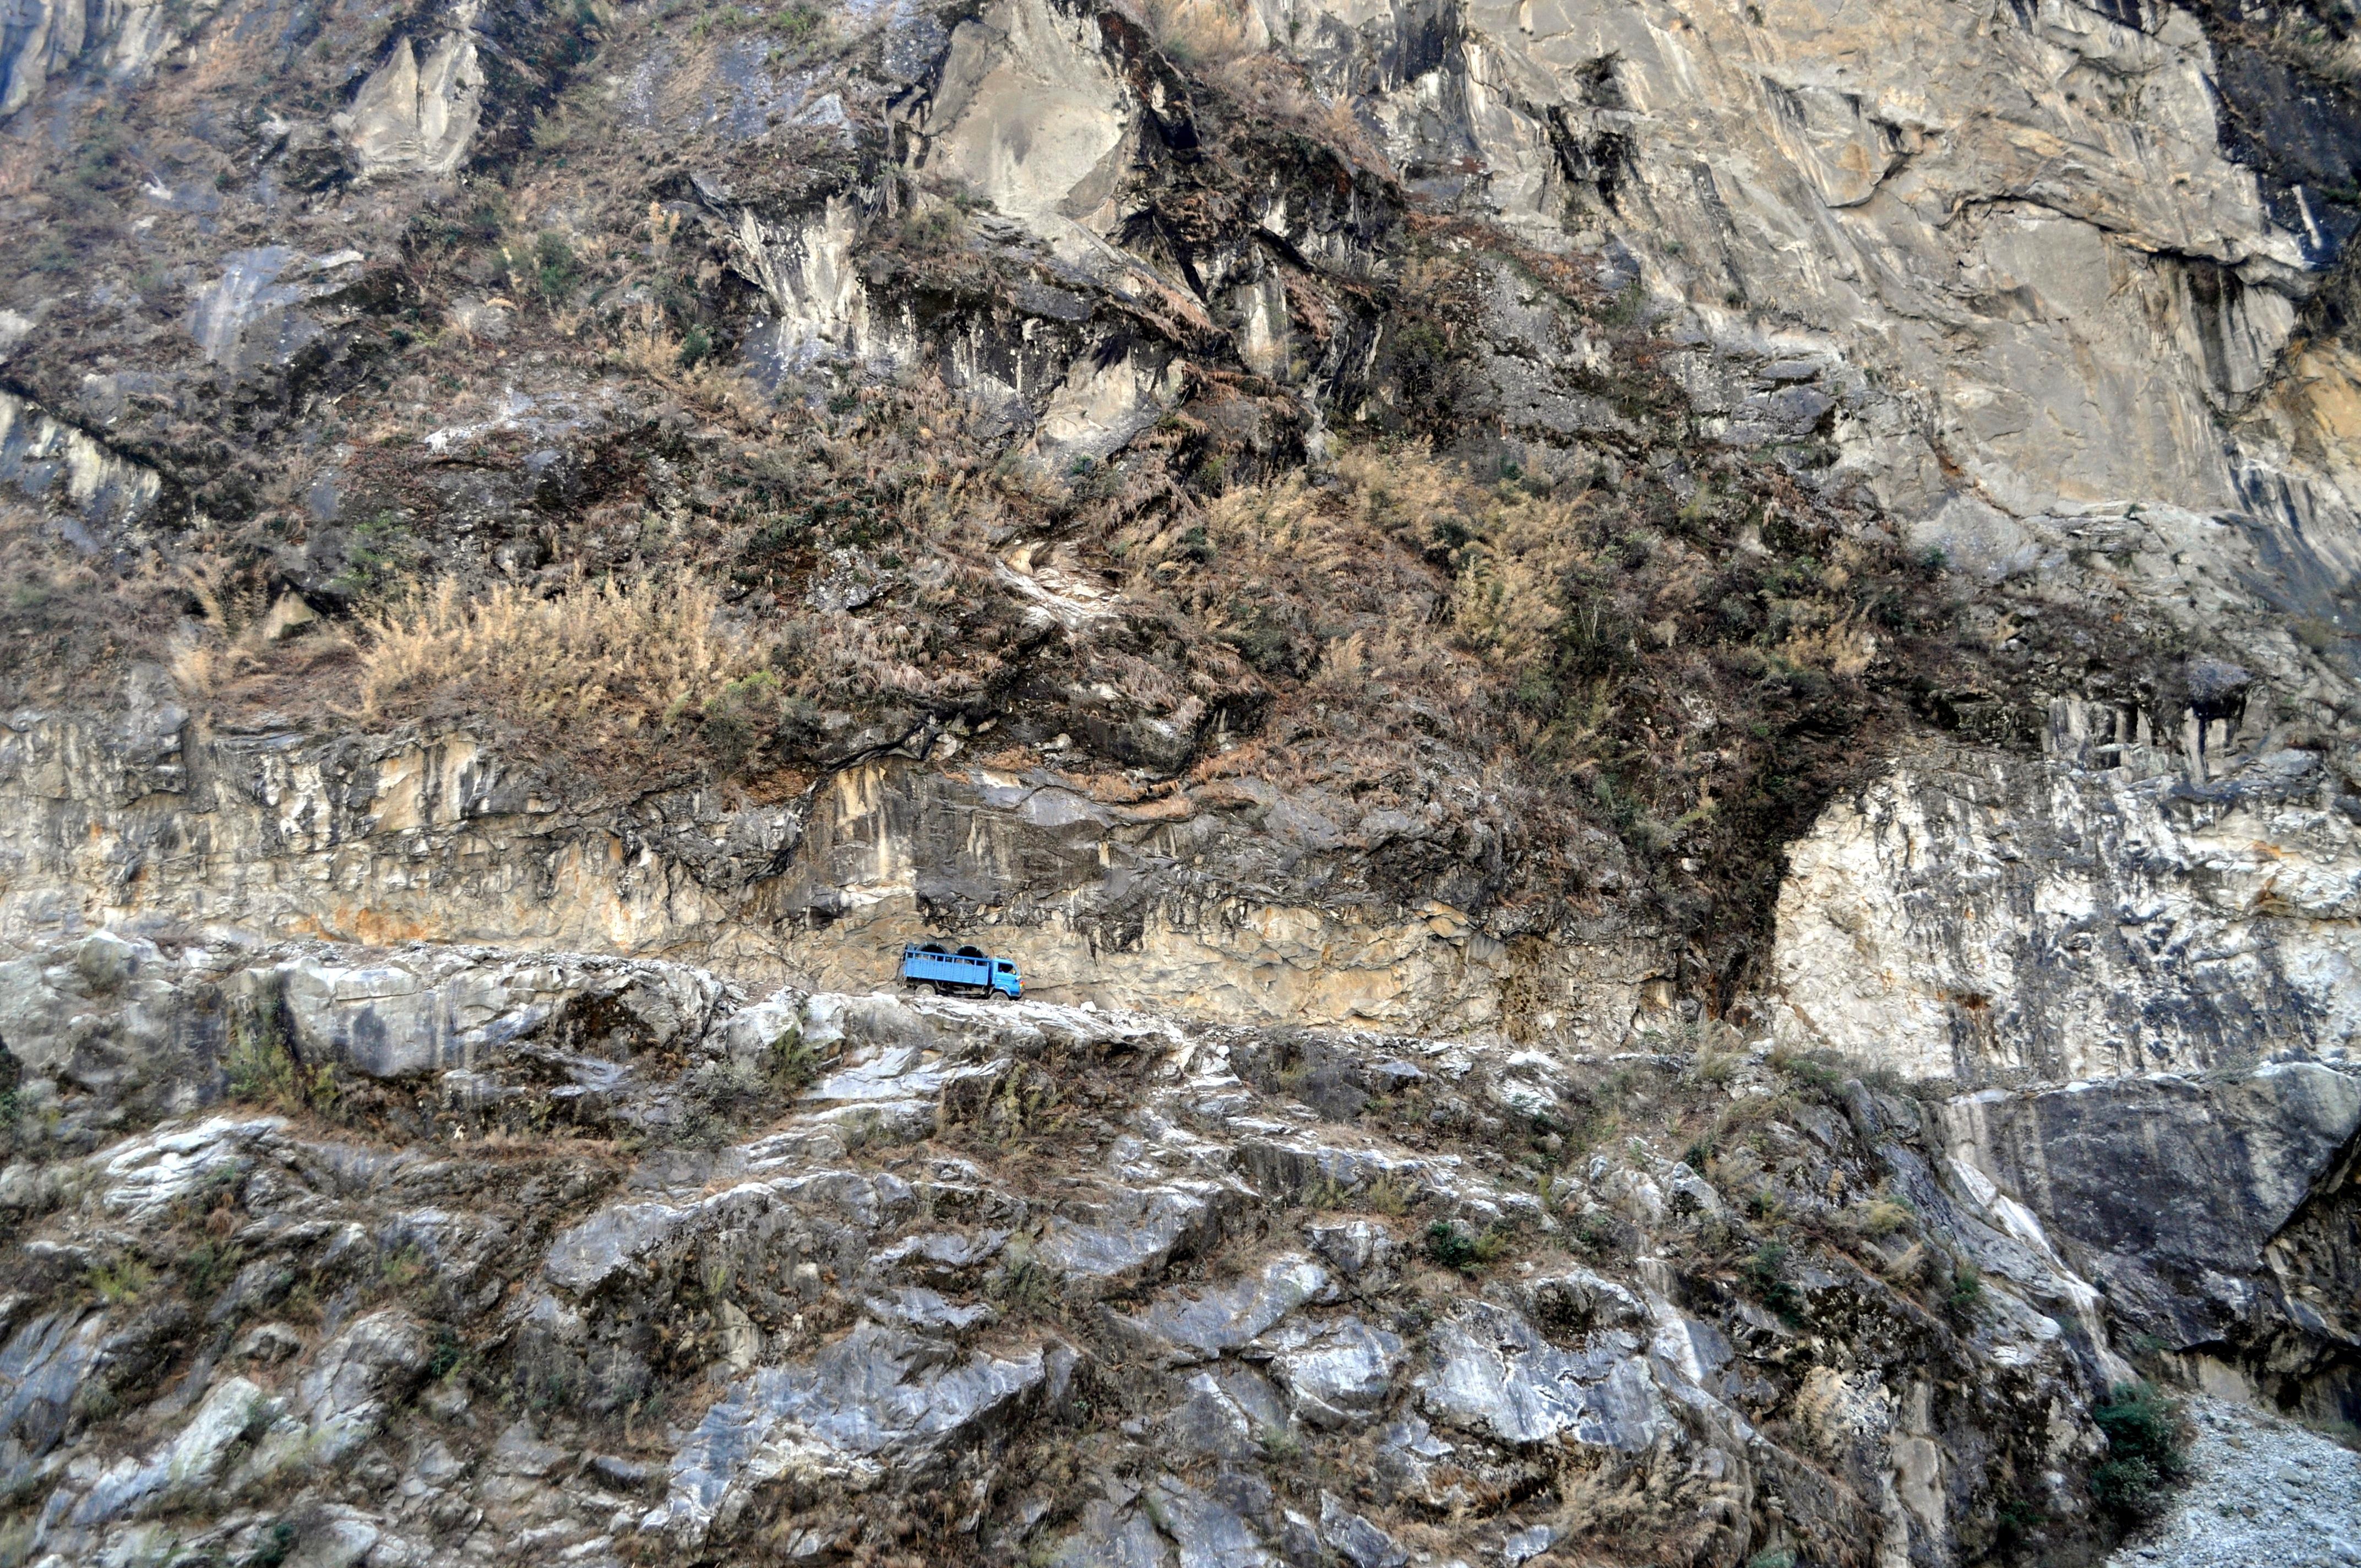 sul versante opposto la strada è stata scavata nella roccia con percorso a strapiombo. Ogni tanto qualcuno finisce giù (così ci racconta la nostra guida)